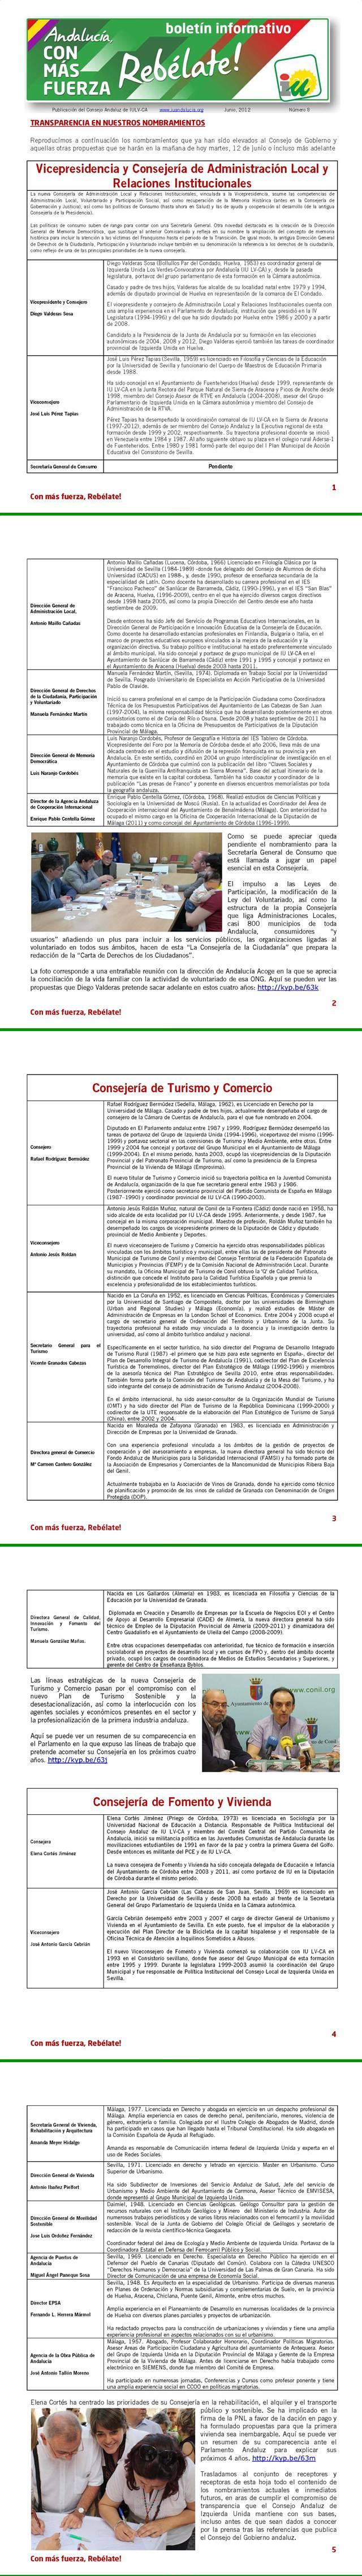 20120615180309-cargos-de-iu-en-junta.jpg